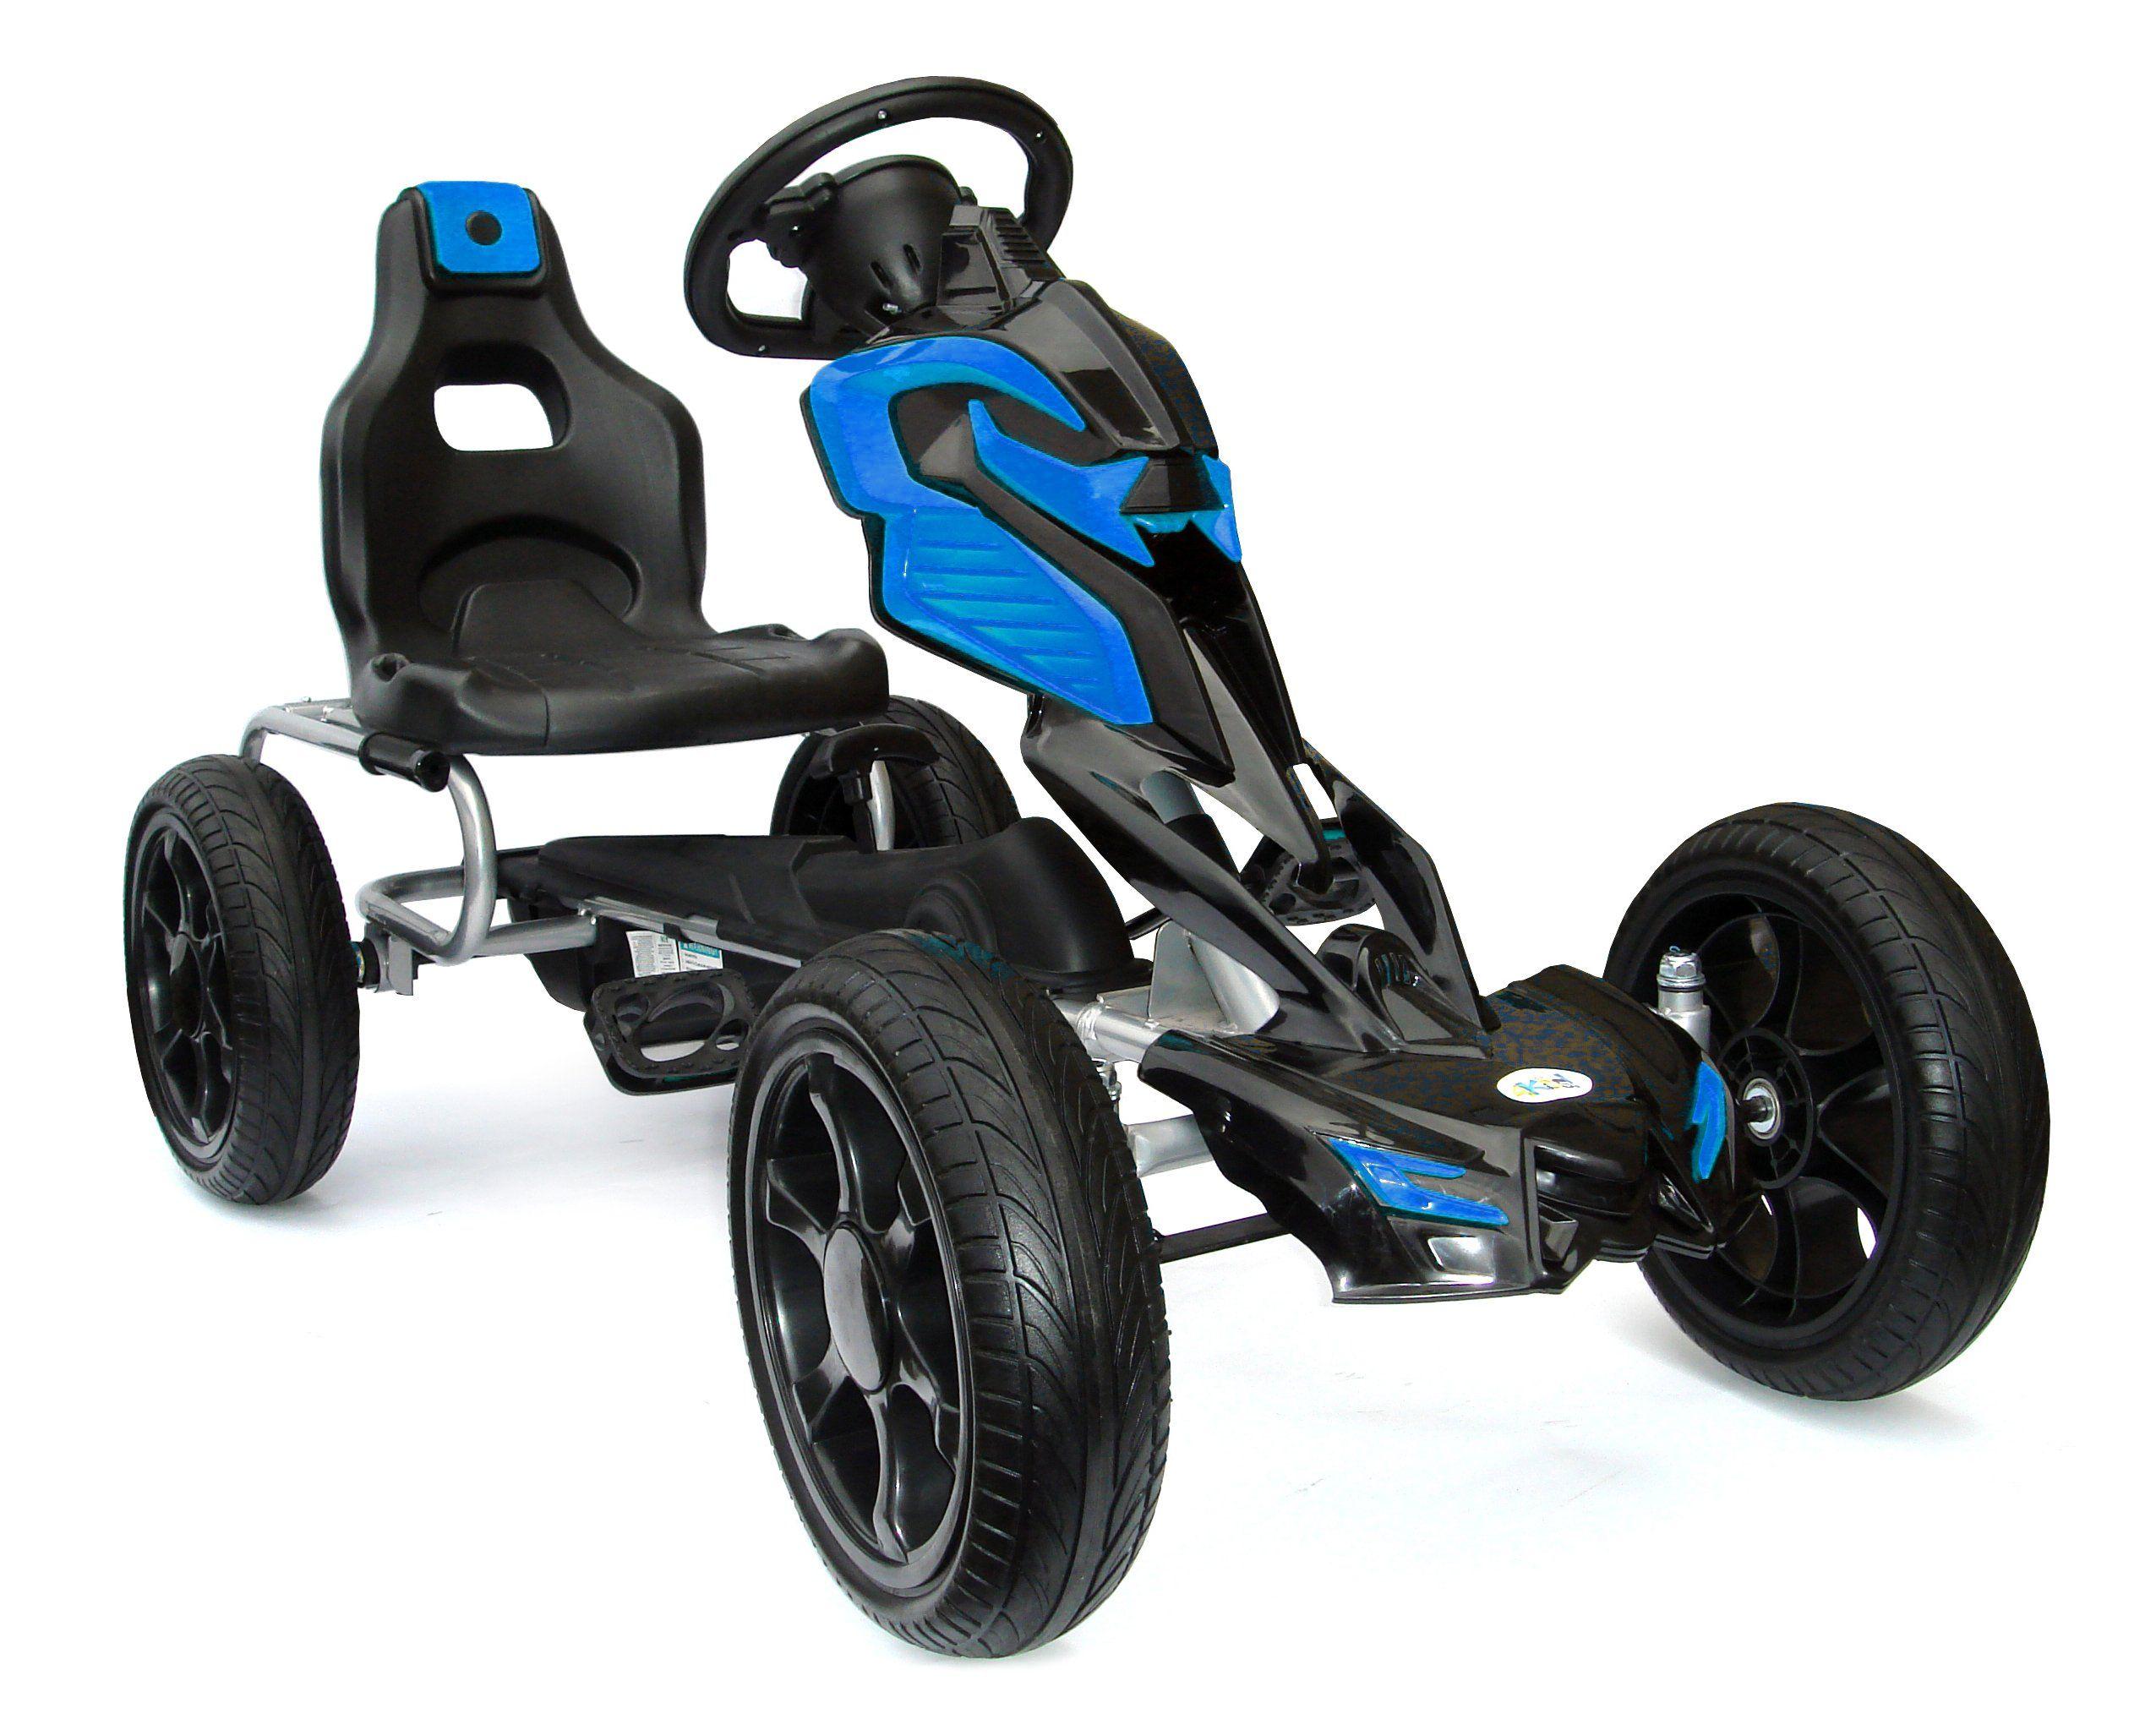 Gokart Na Pedaly Scout Do60kg 5 12lat Powystawowy 6896819023 Oficjalne Archiwum Allegro Go Kart Kids Go Cart Kids Ride On